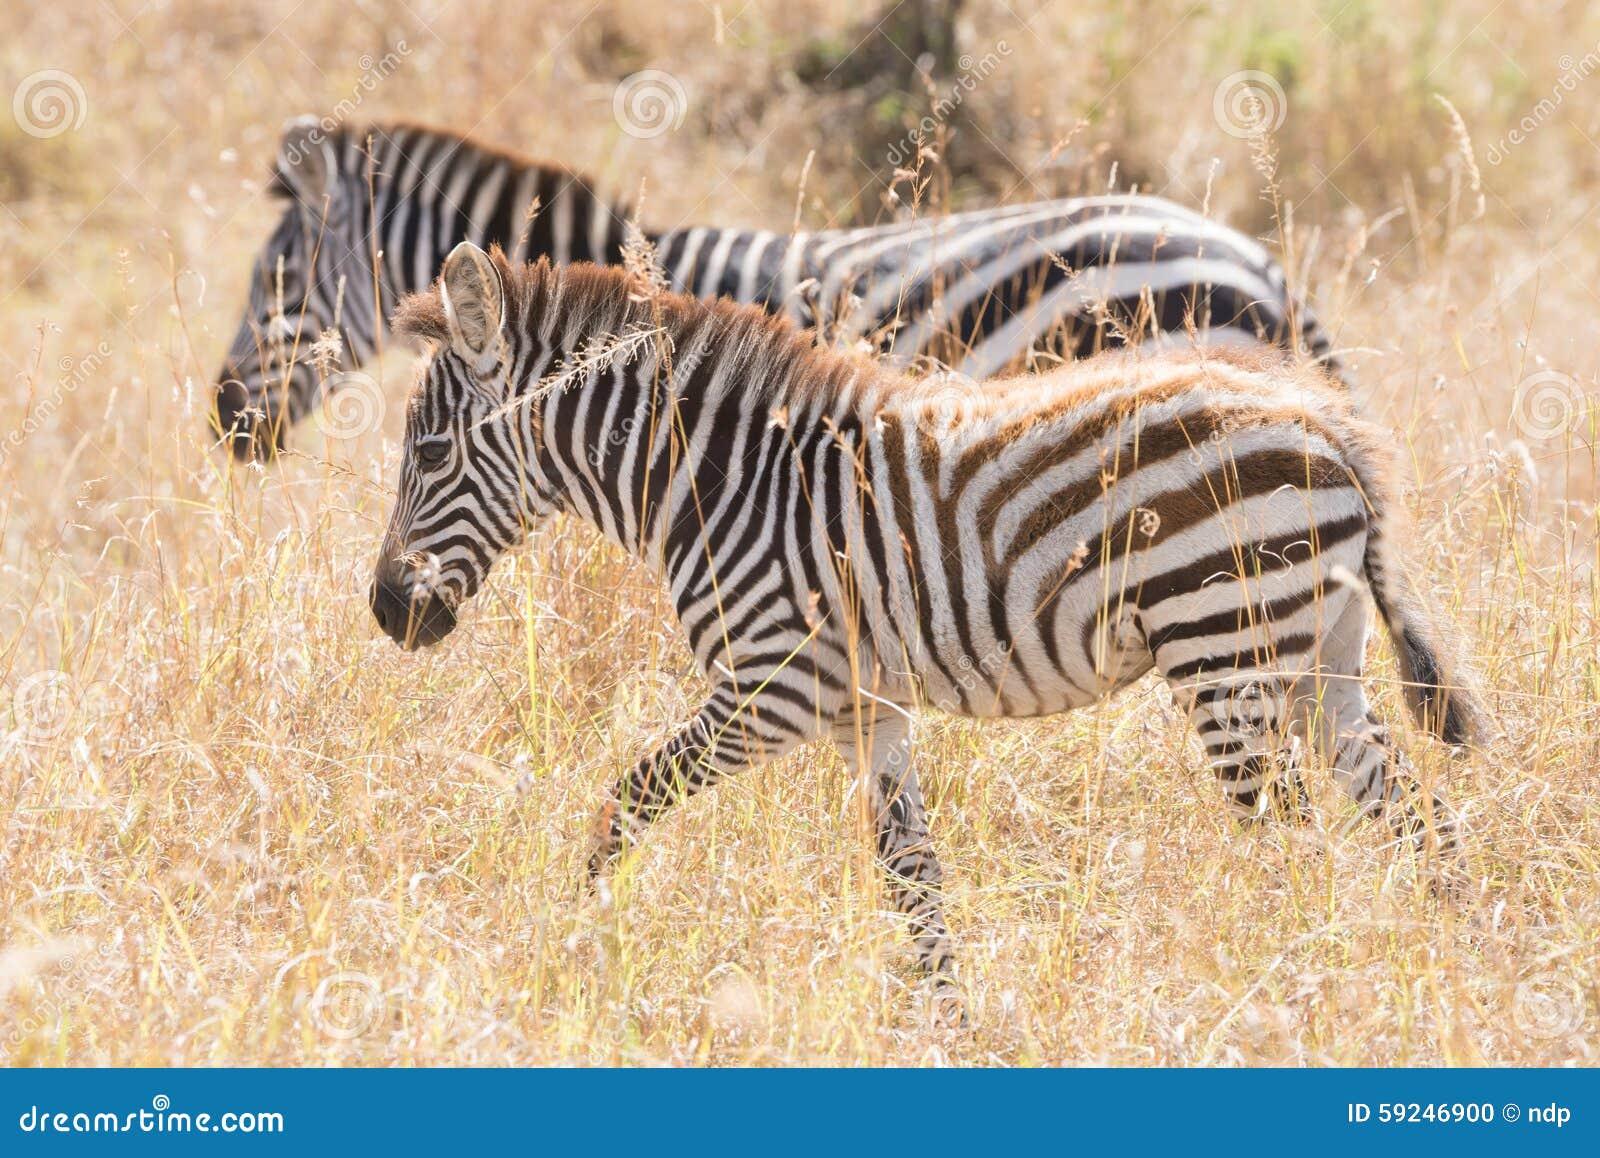 La cebra y el potro caminan de lado a lado en sabana